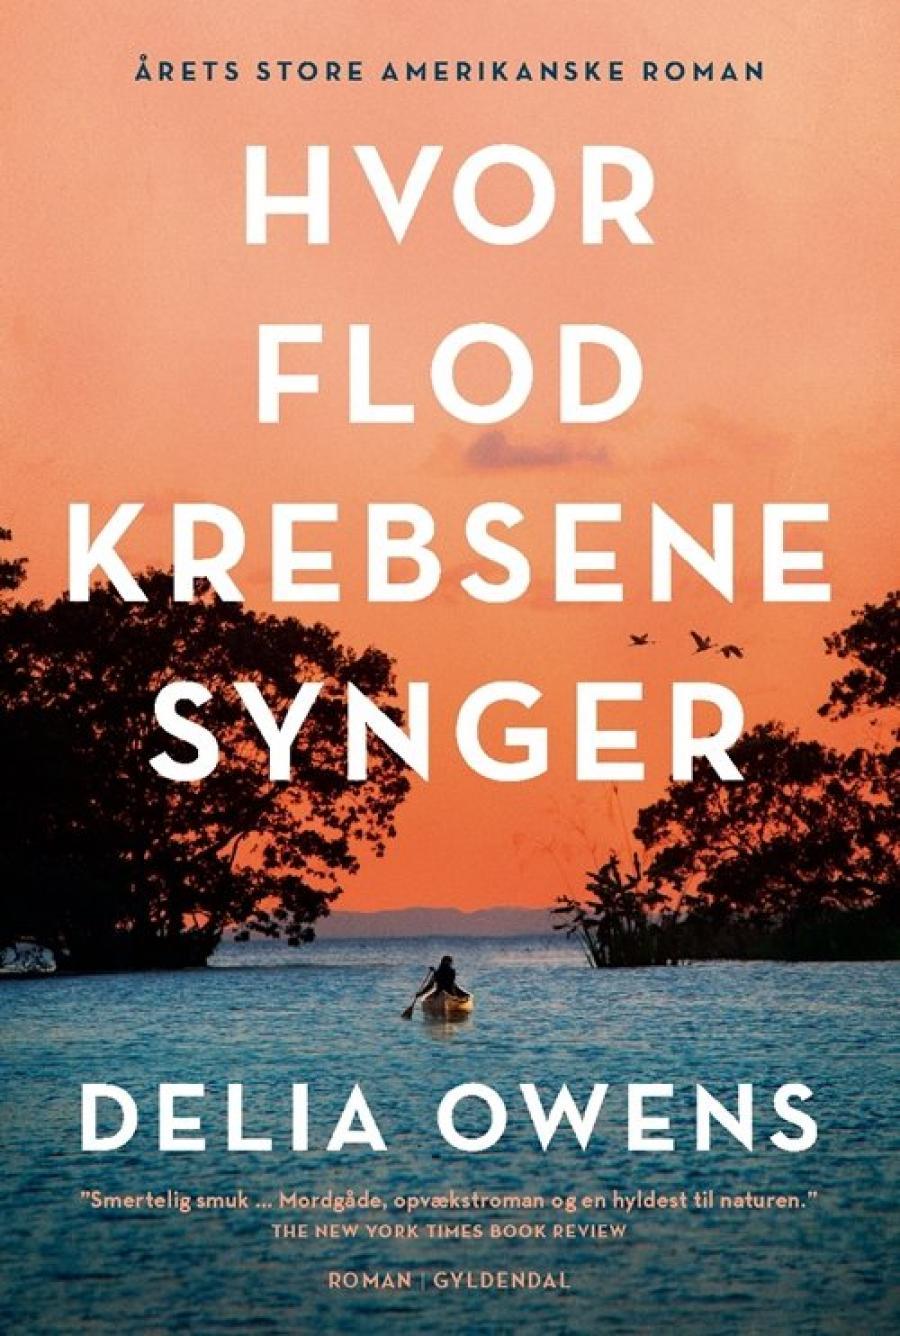 Billede af bogen Hvor flodkrebsene synger af Delia Owens